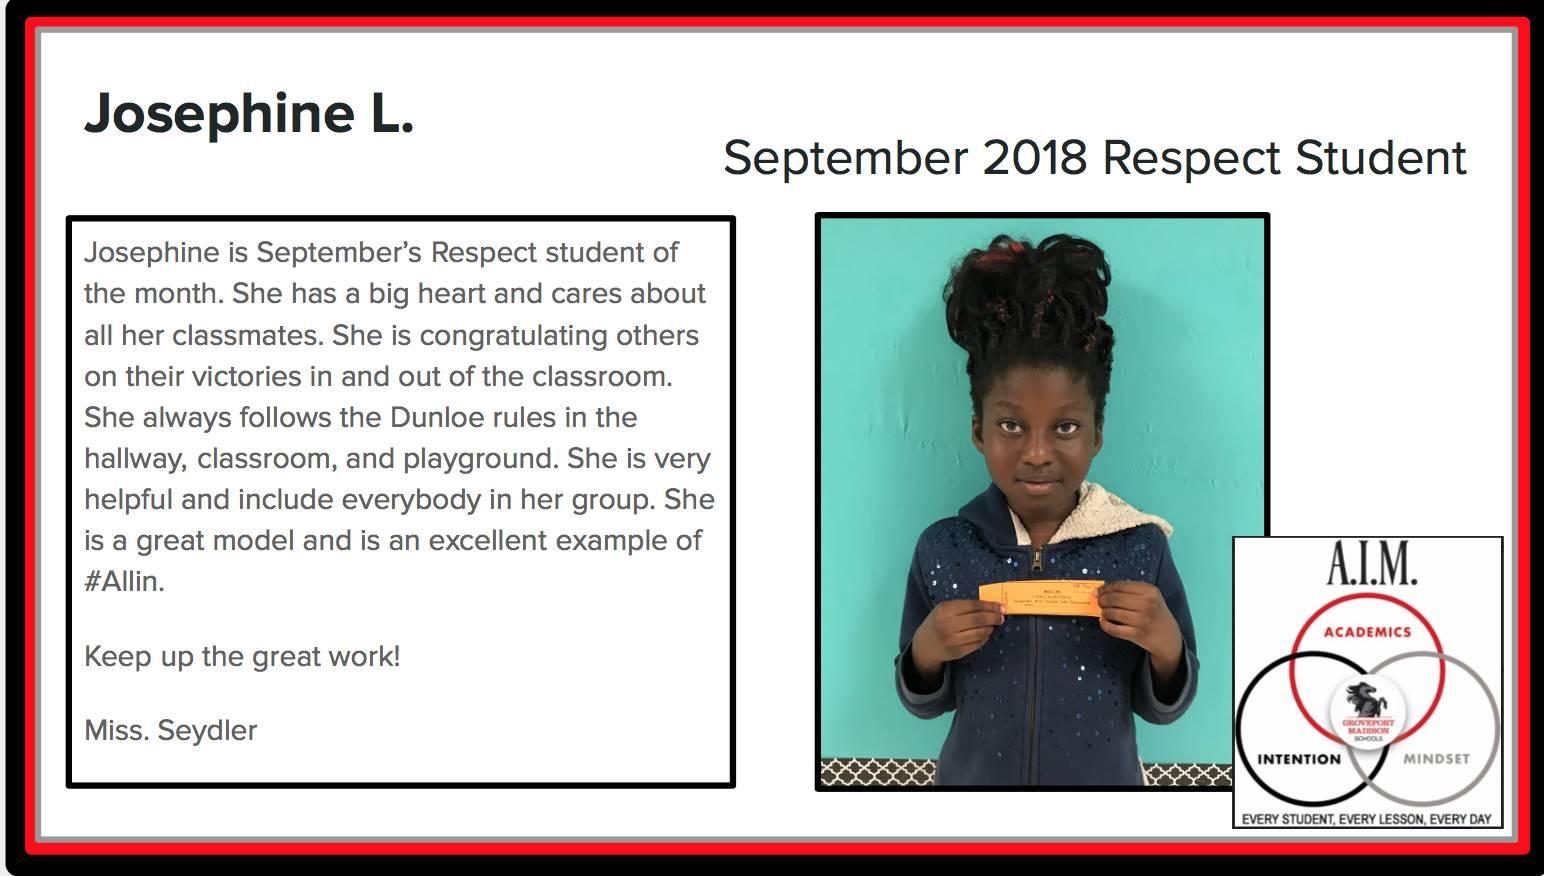 September Respect Student Josephine